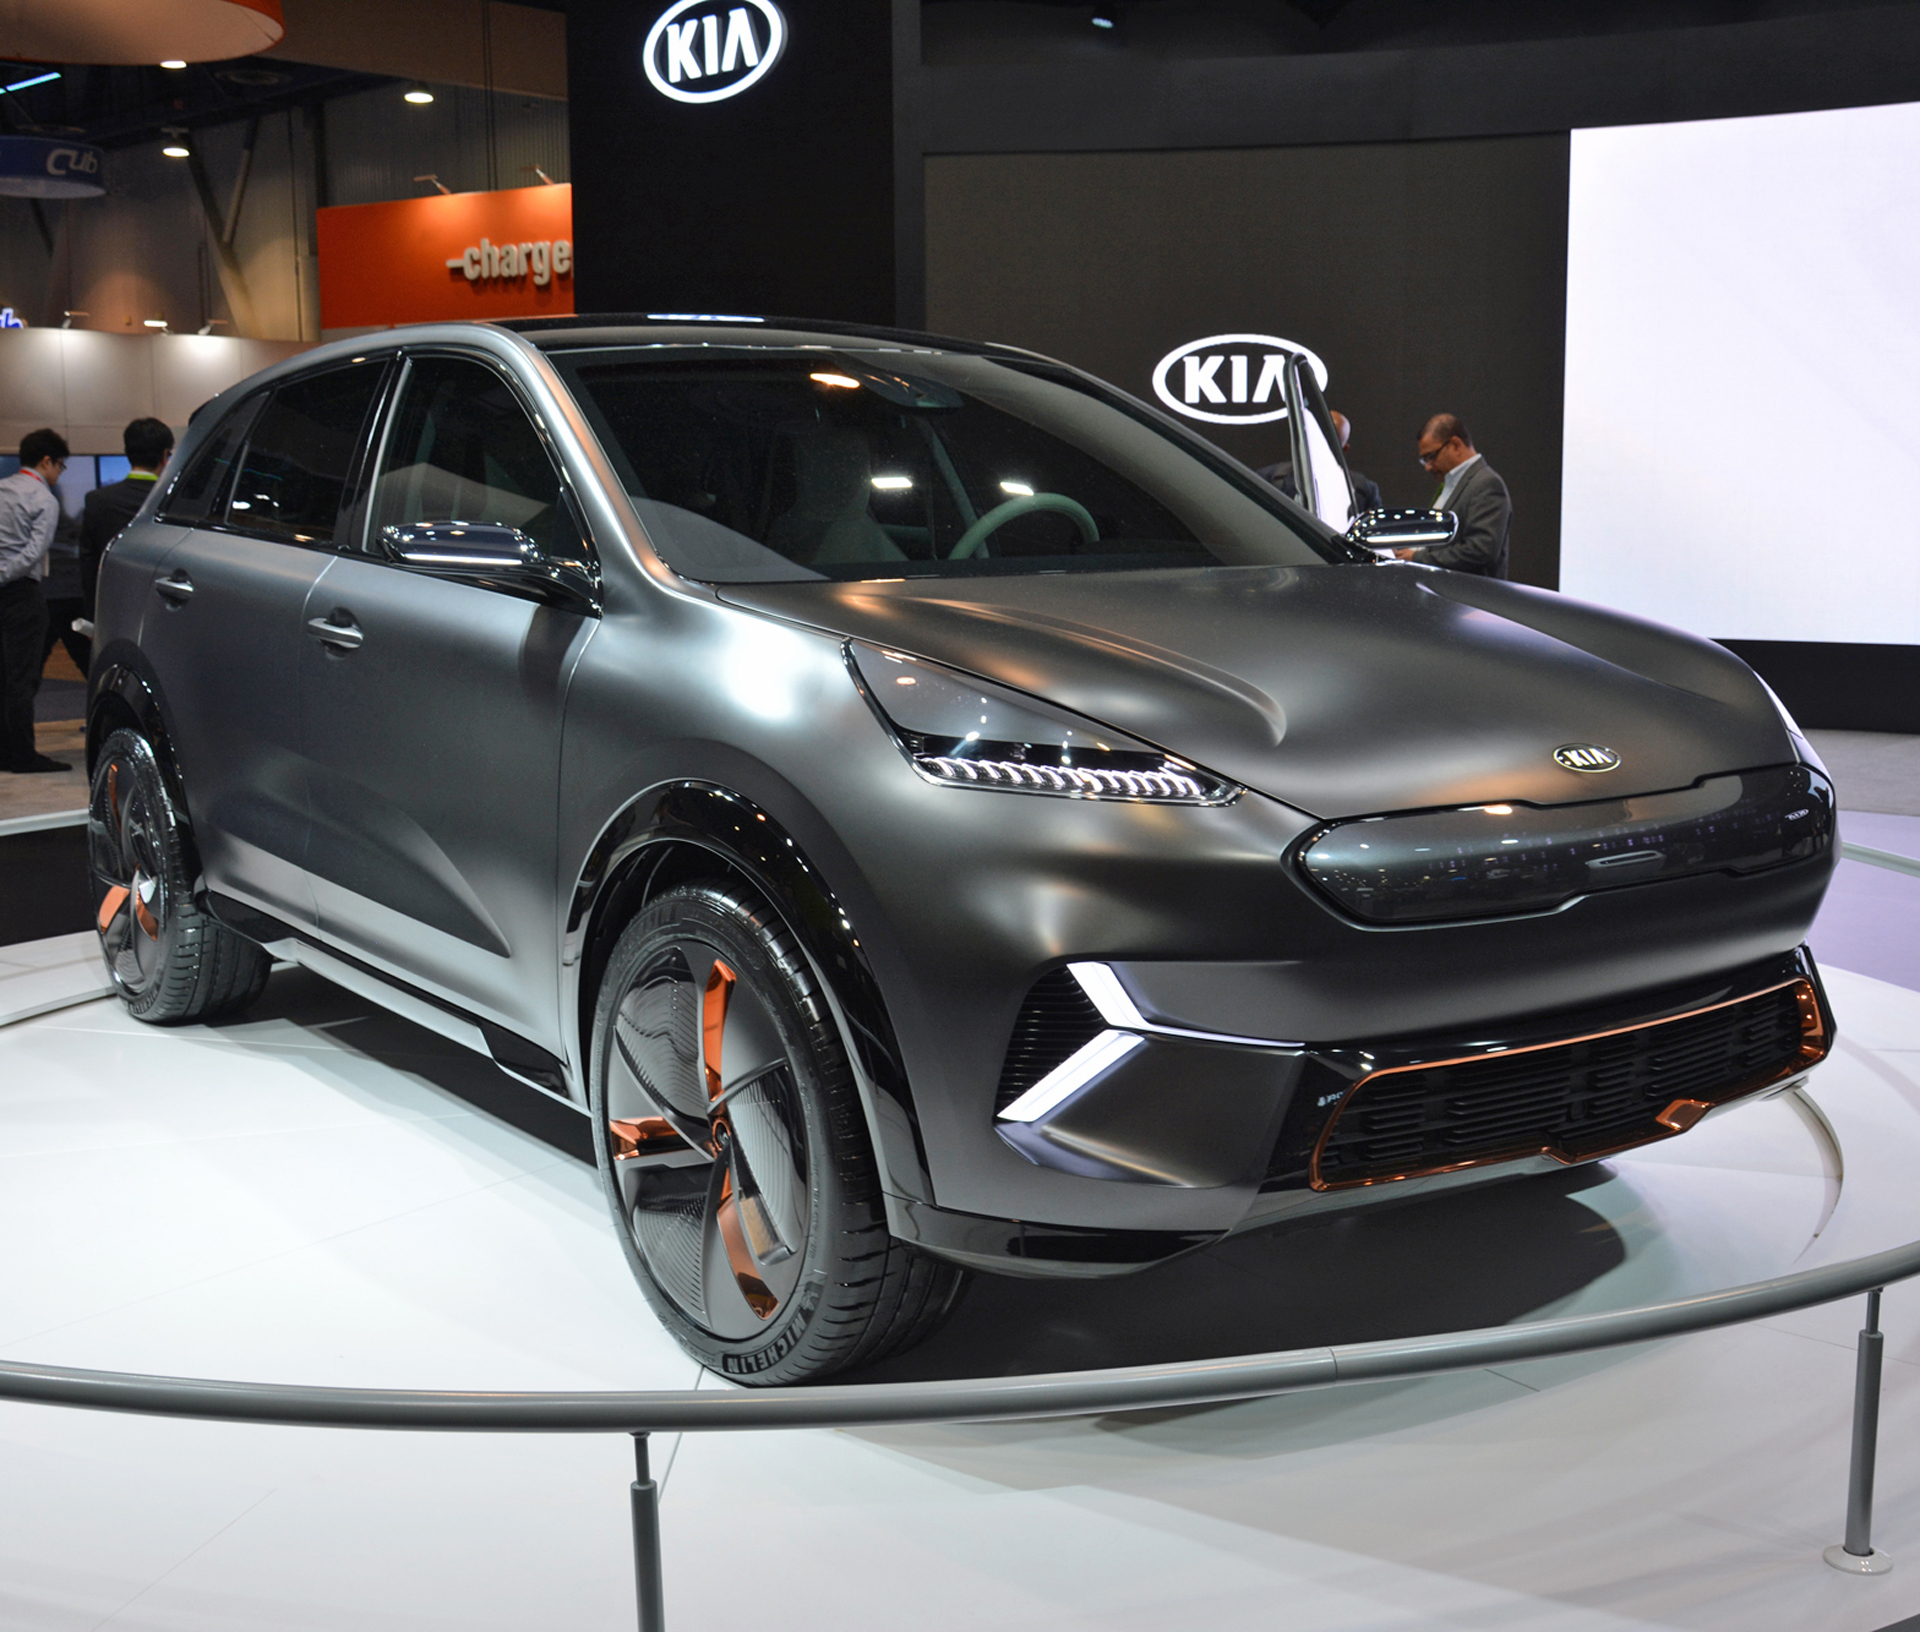 El Niro EV comenzará a producirse a partir del año próximo para completar la gama del modelo insignia de Kia